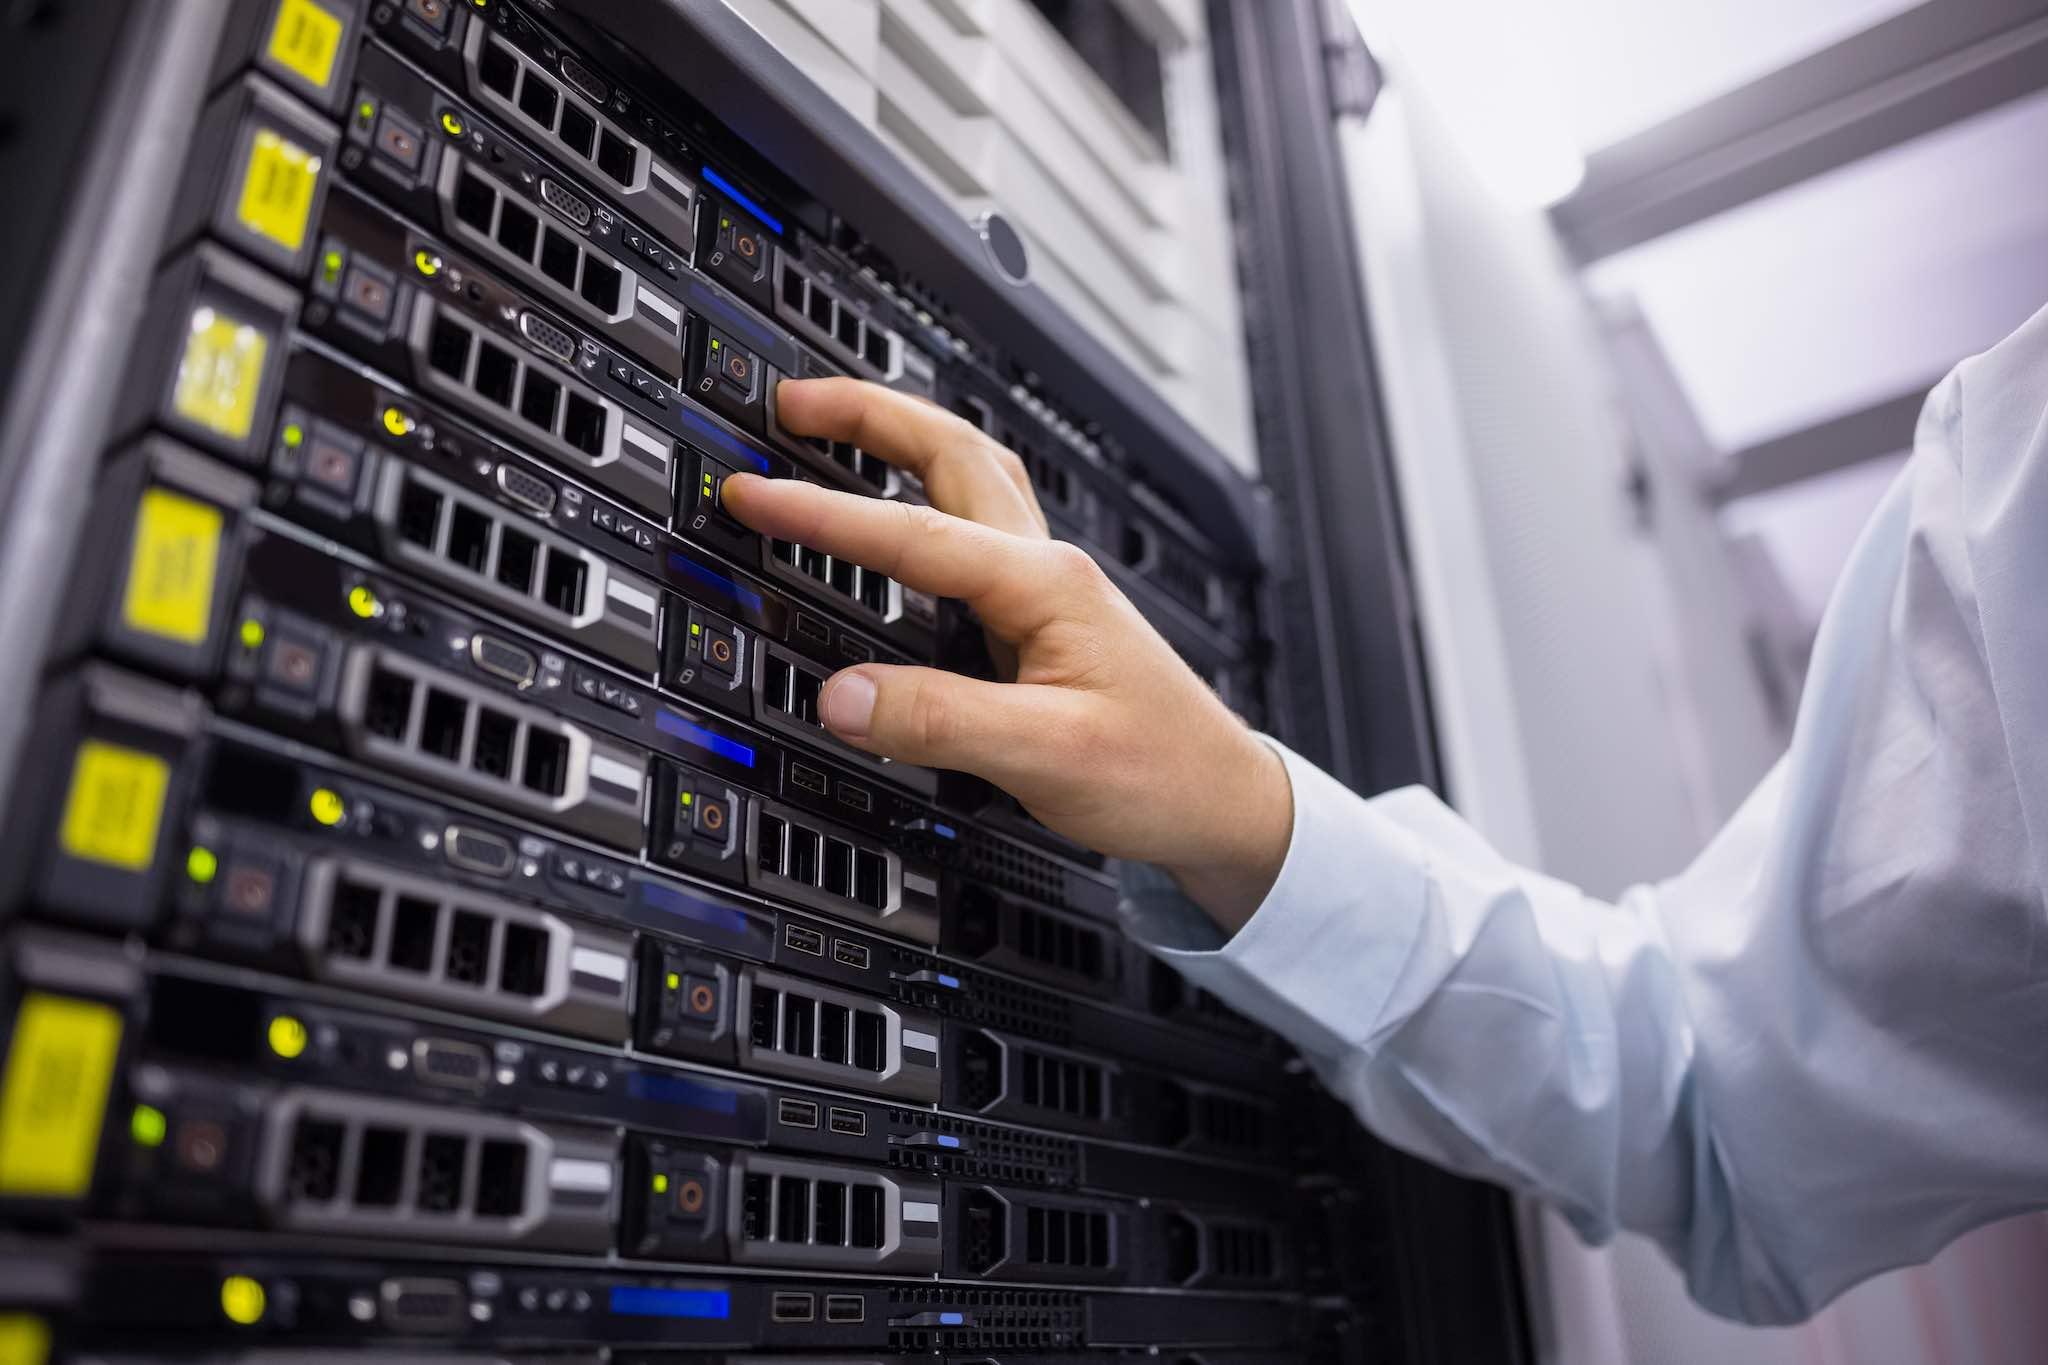 Уеб хостинг услугите са съставени от физически сървъри, които могат да се дават под наем на клиенти, нуждаещи се от компютър, който да захранва техния сайт.